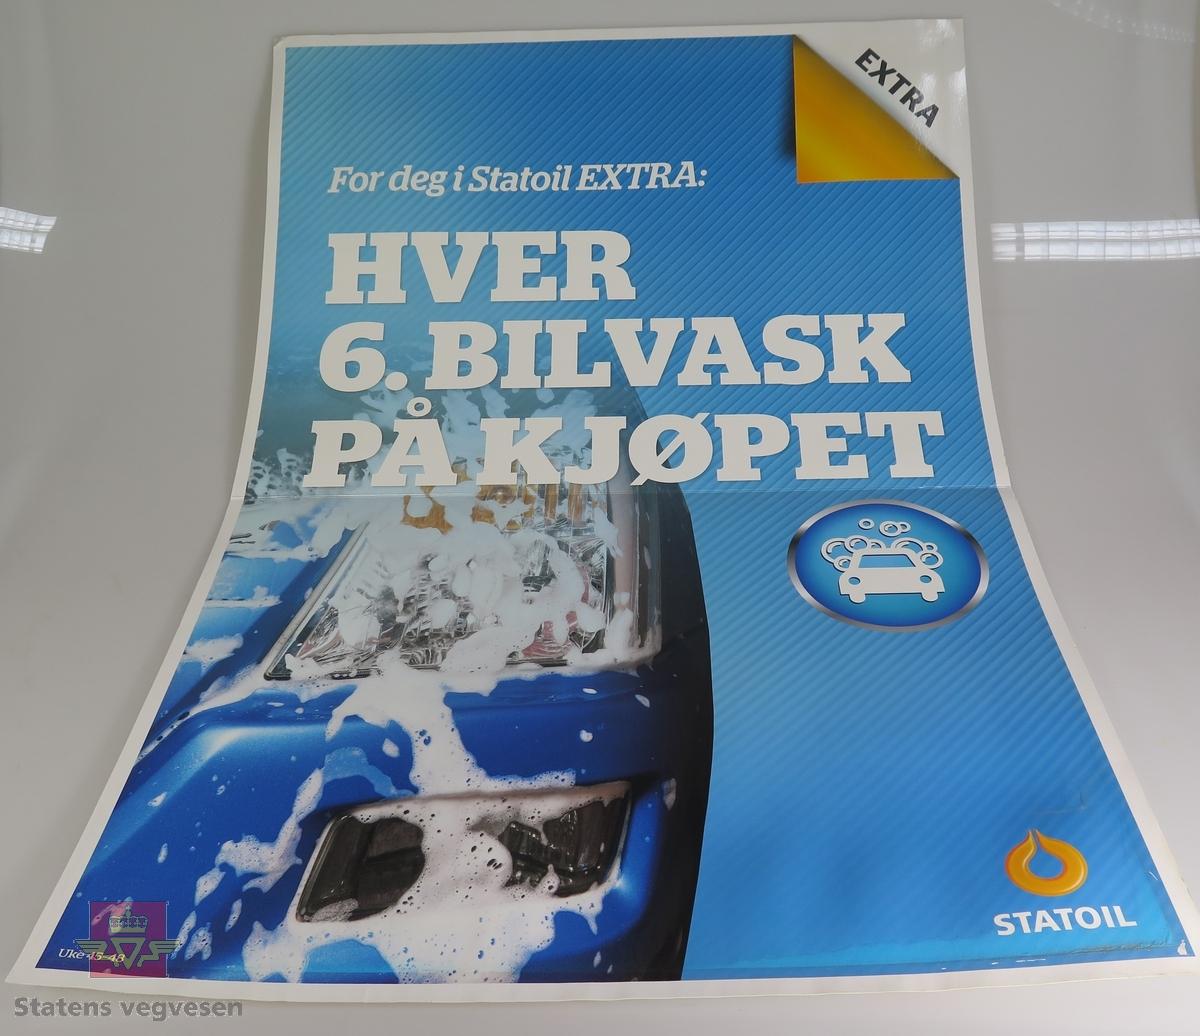 Fem ulike plakater av papp. De reklamerer for bilvask hos Statoil.